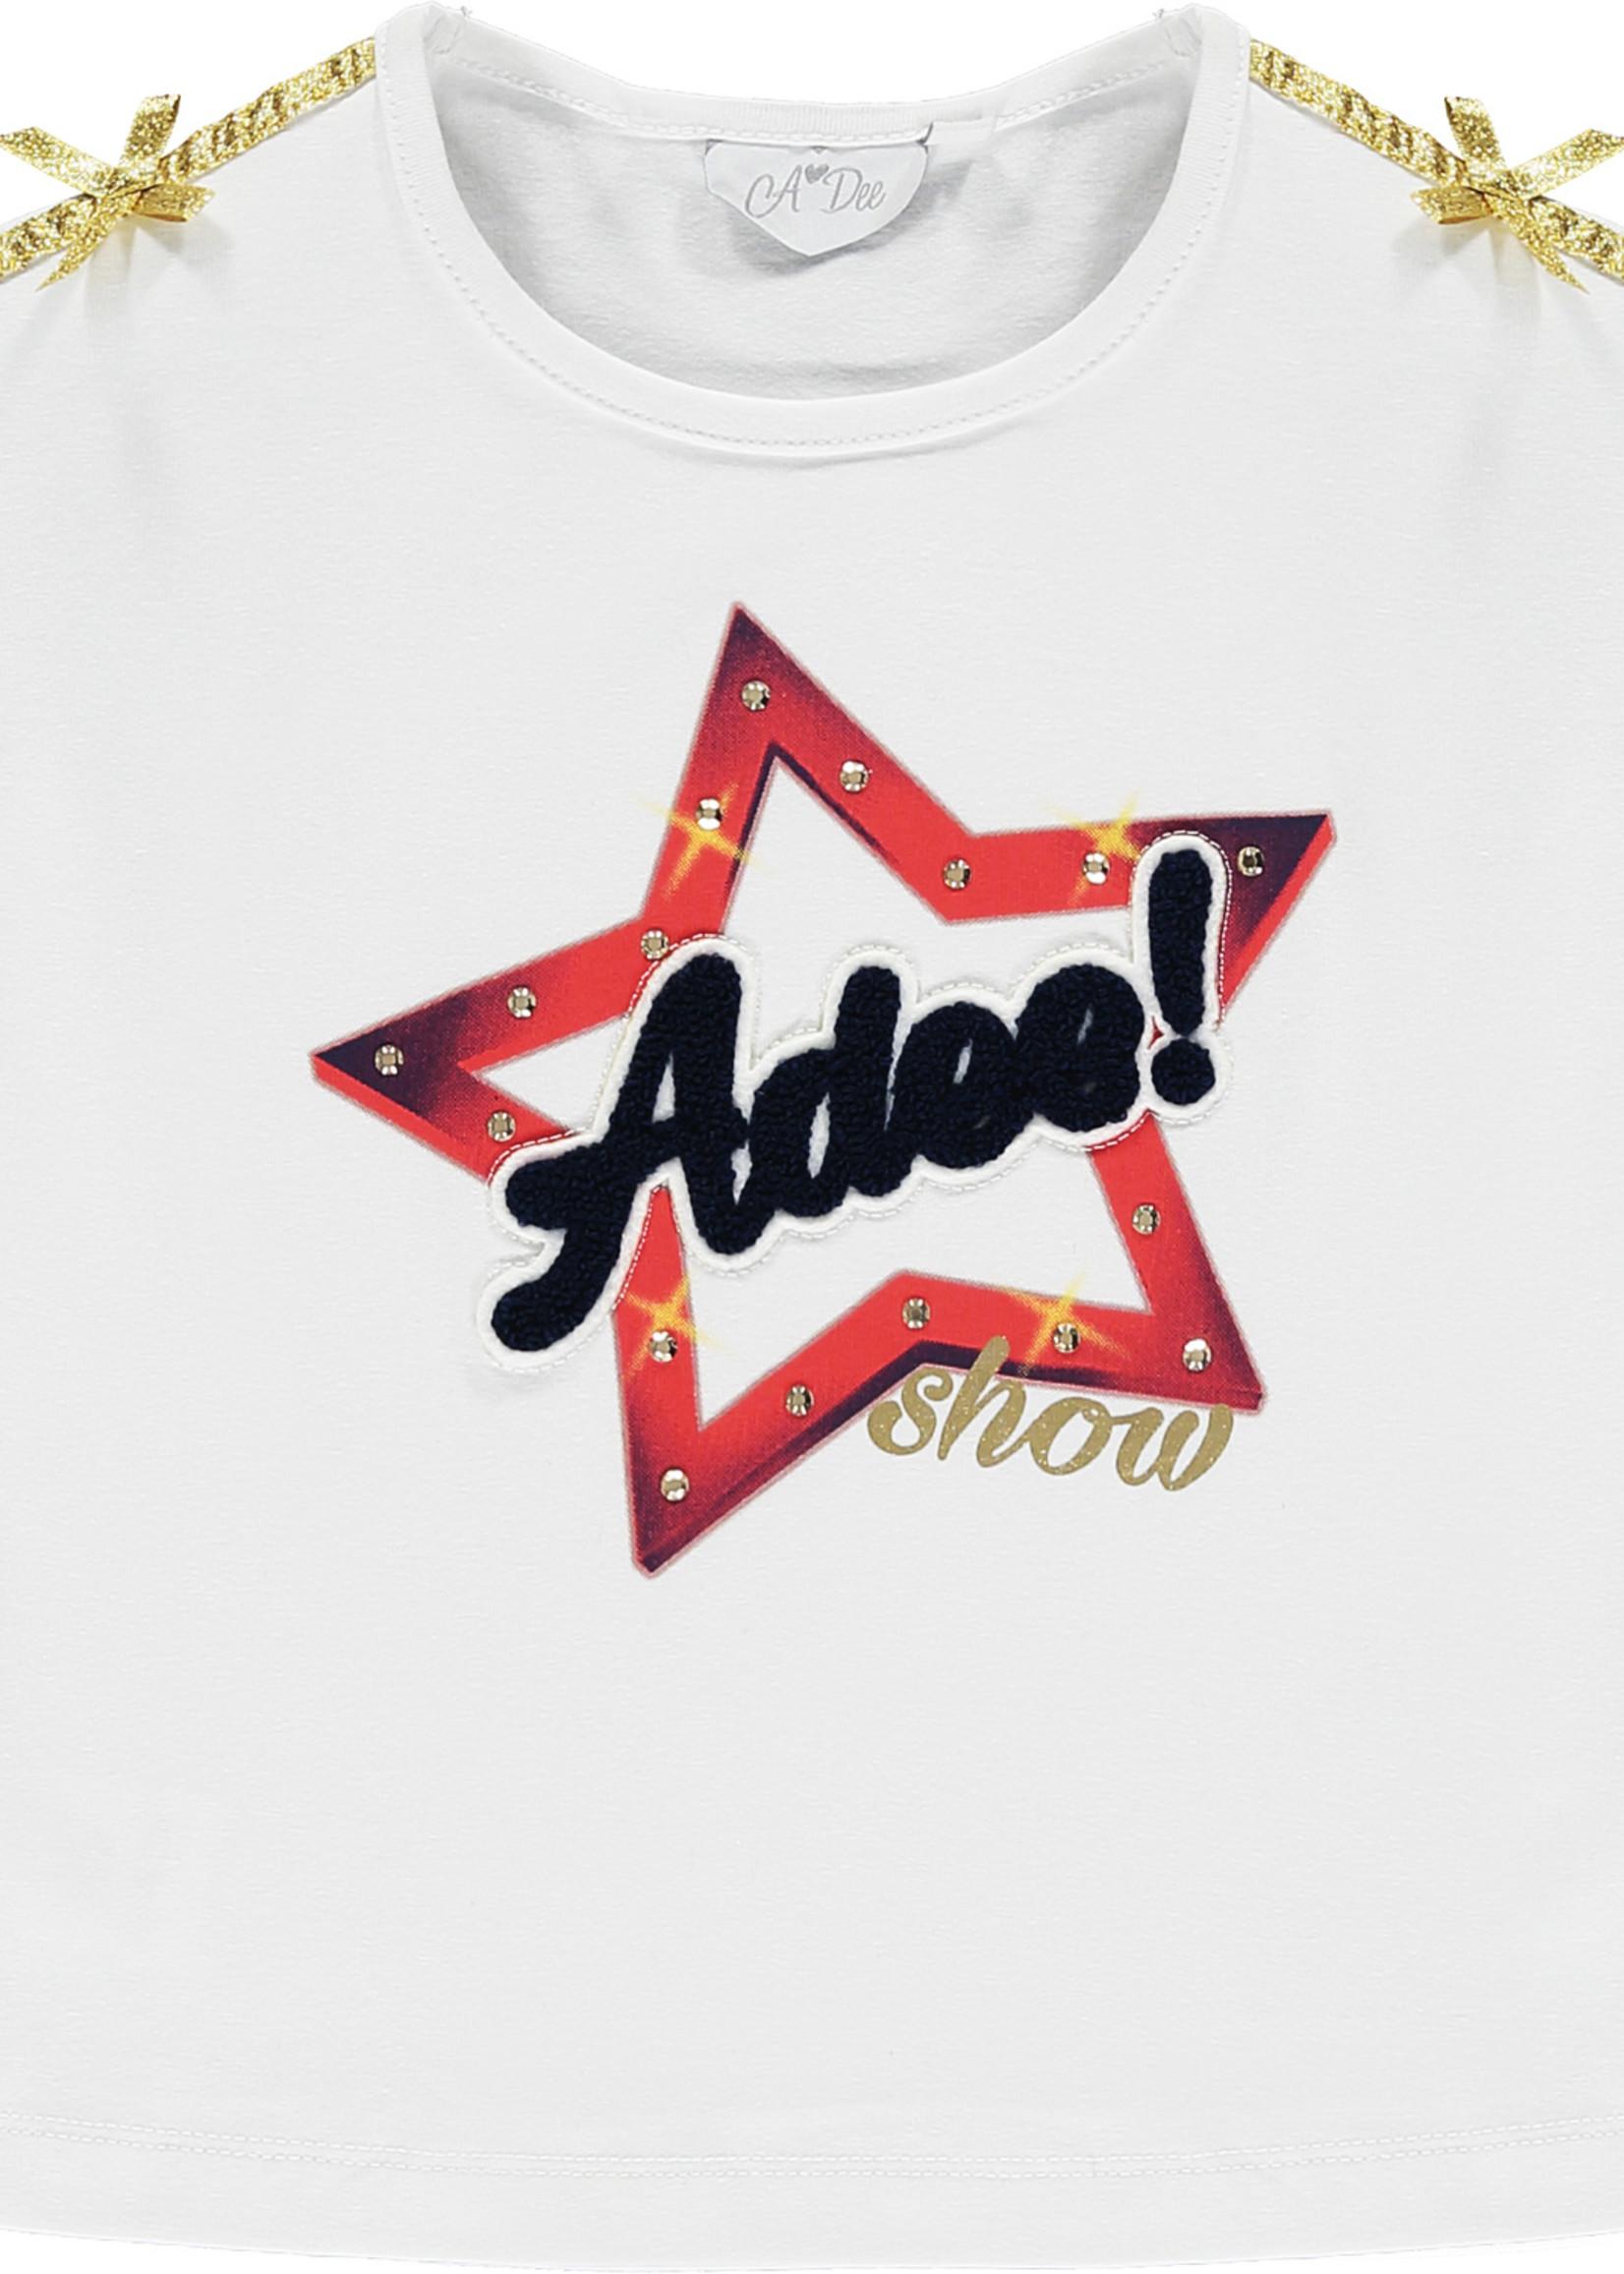 A Dee Minnie star t shirt